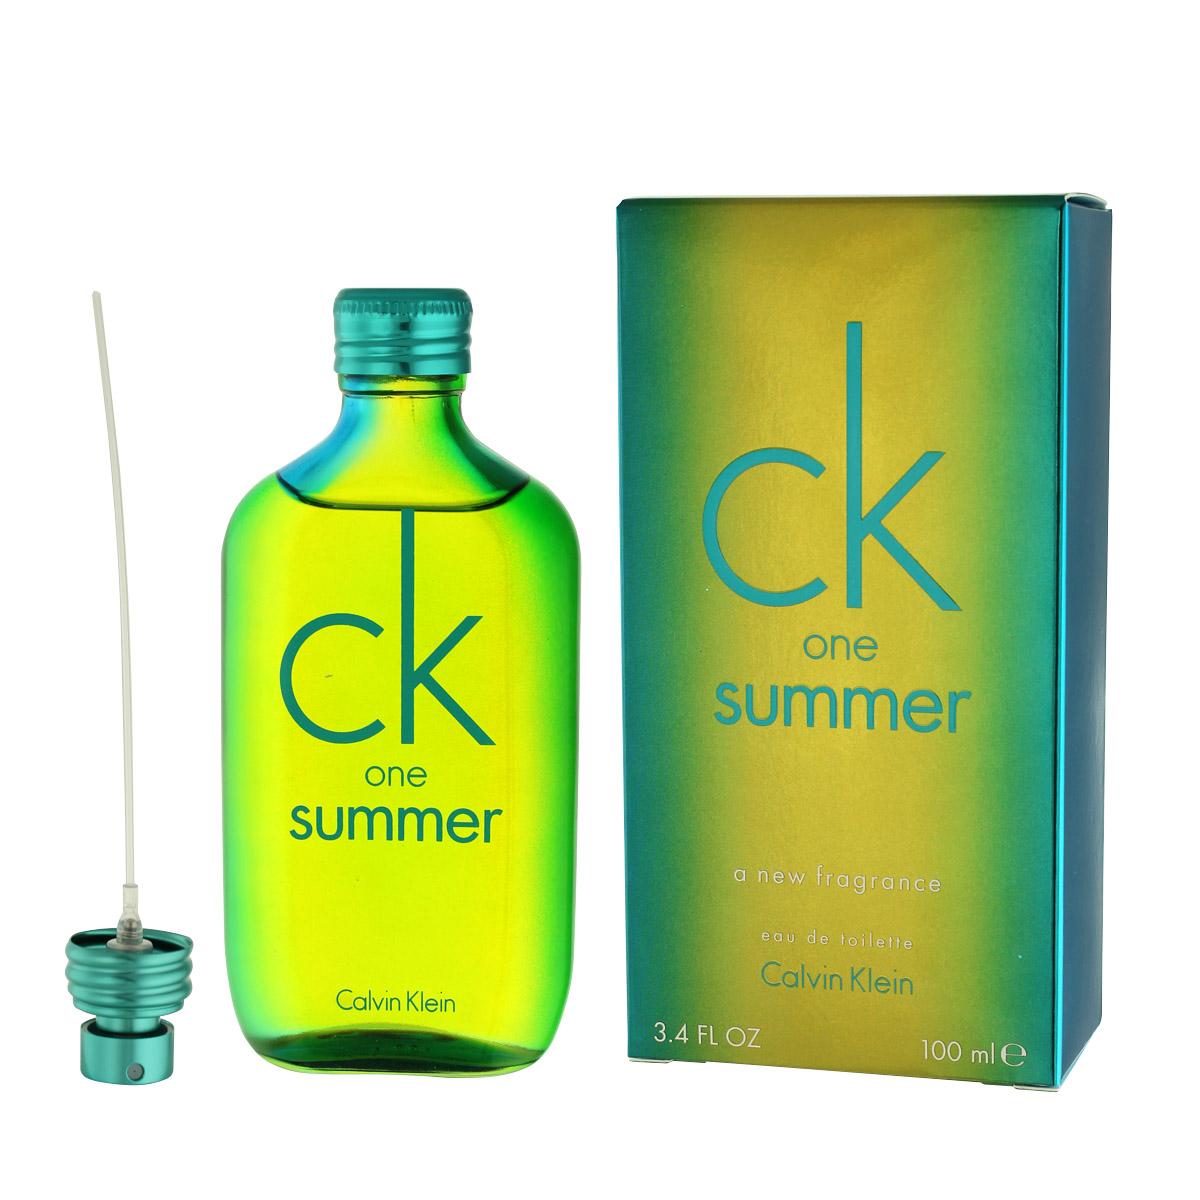 Calvin Klein CK One Summer 2014 EDT 100 ml UNISEX